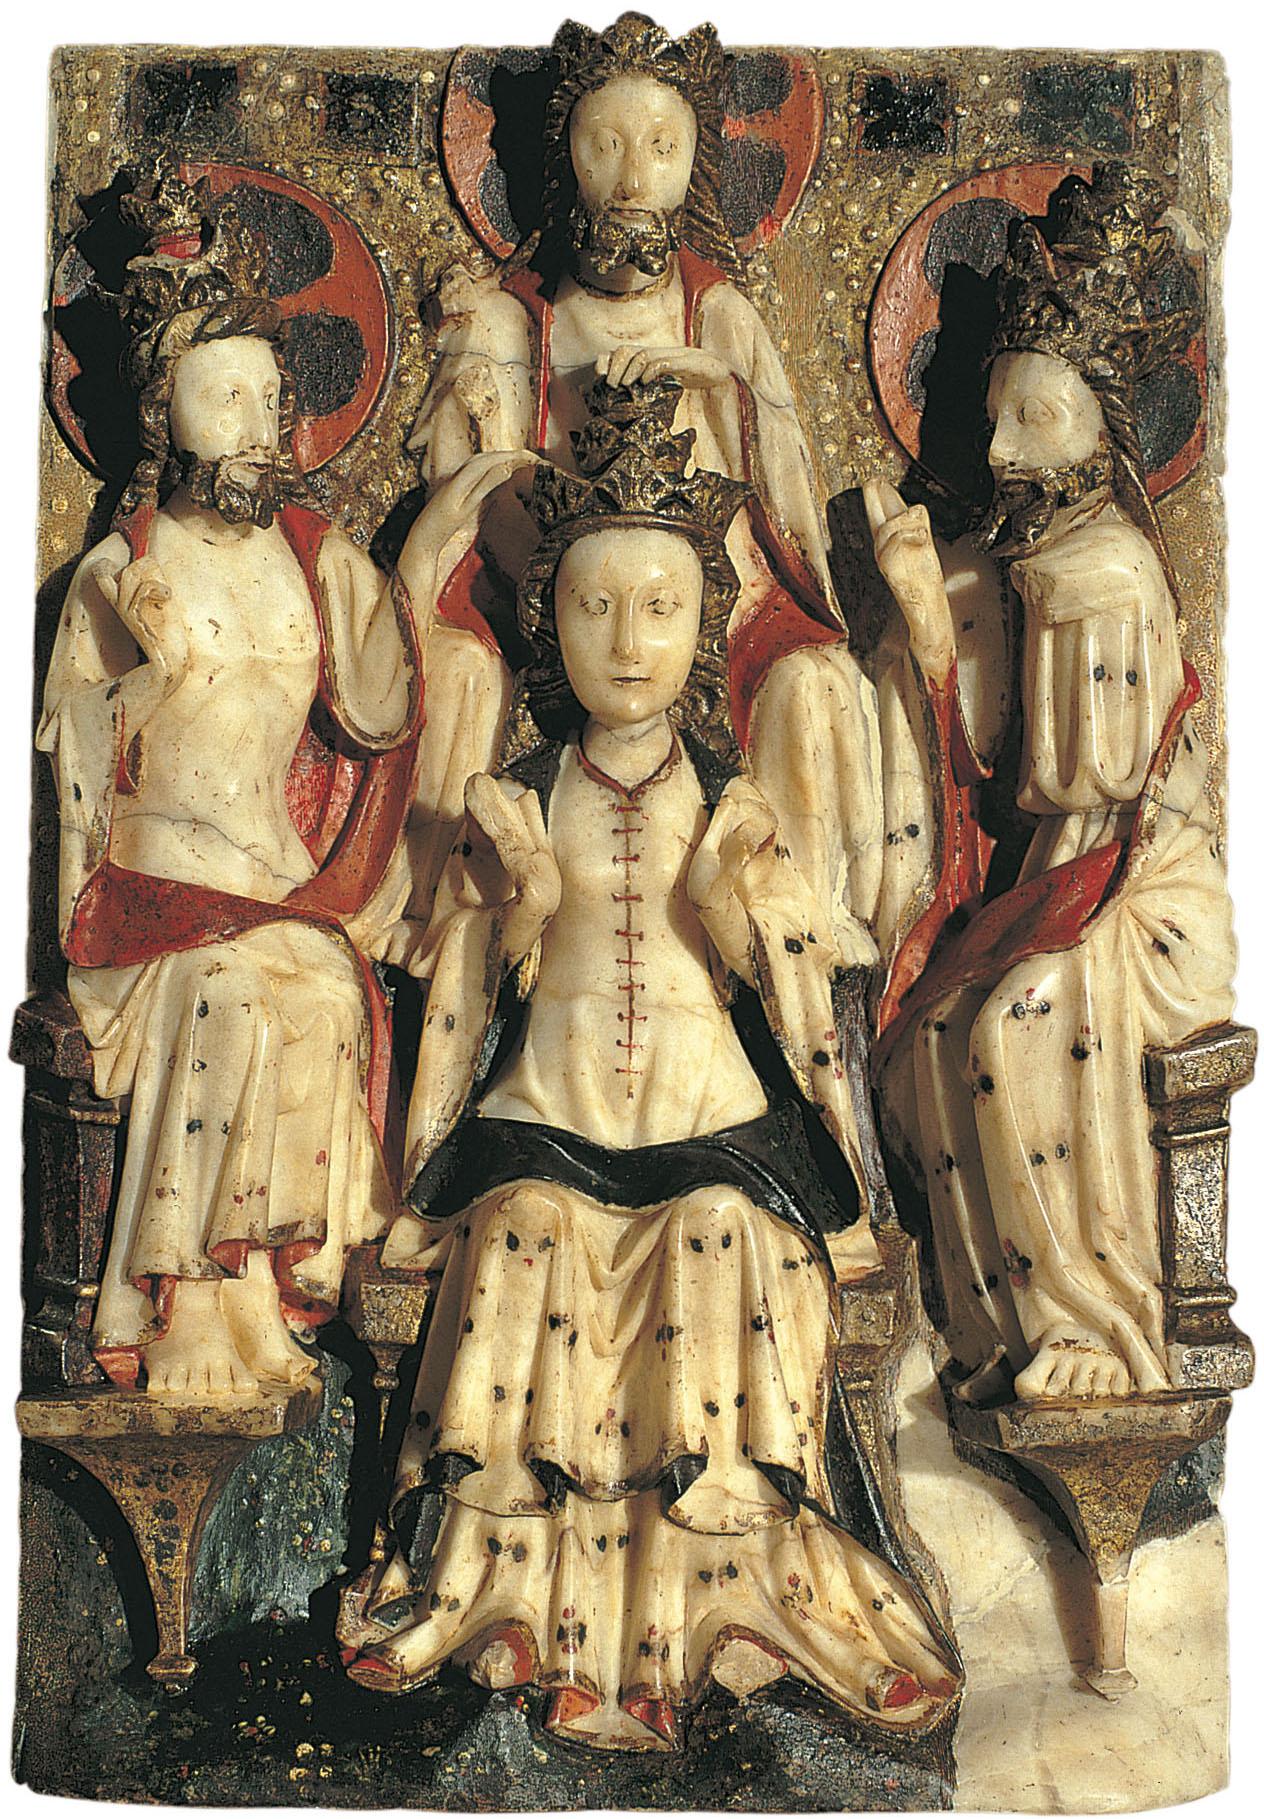 Anònim. Anglaterra. Londres o York - Coronació de la Mare de Déu - Entre 1420-1460